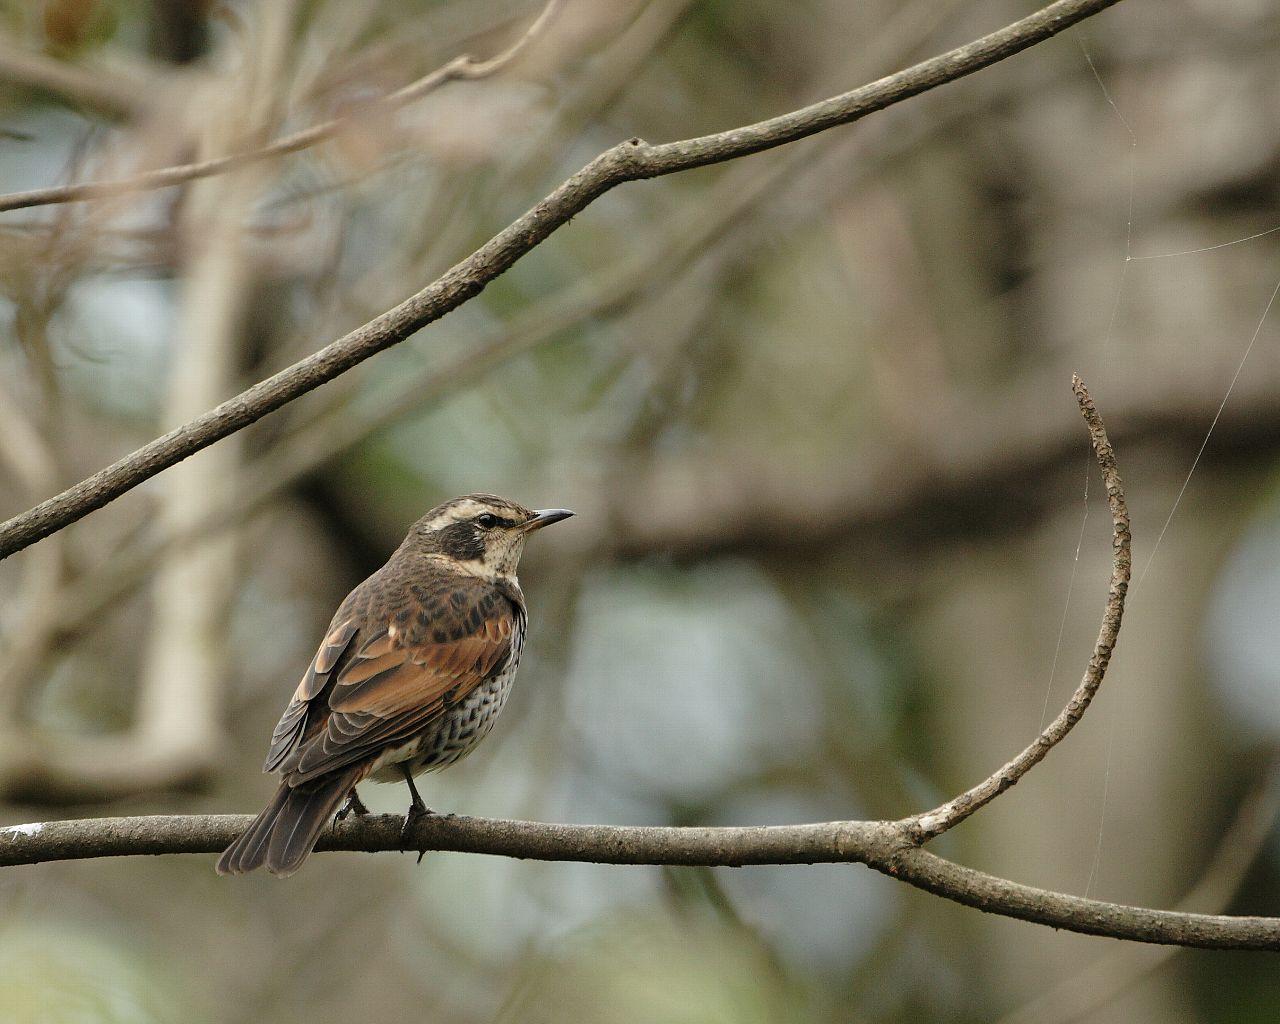 初物ツグミ(冬景色と野鳥の壁紙)_f0105570_22284277.jpg